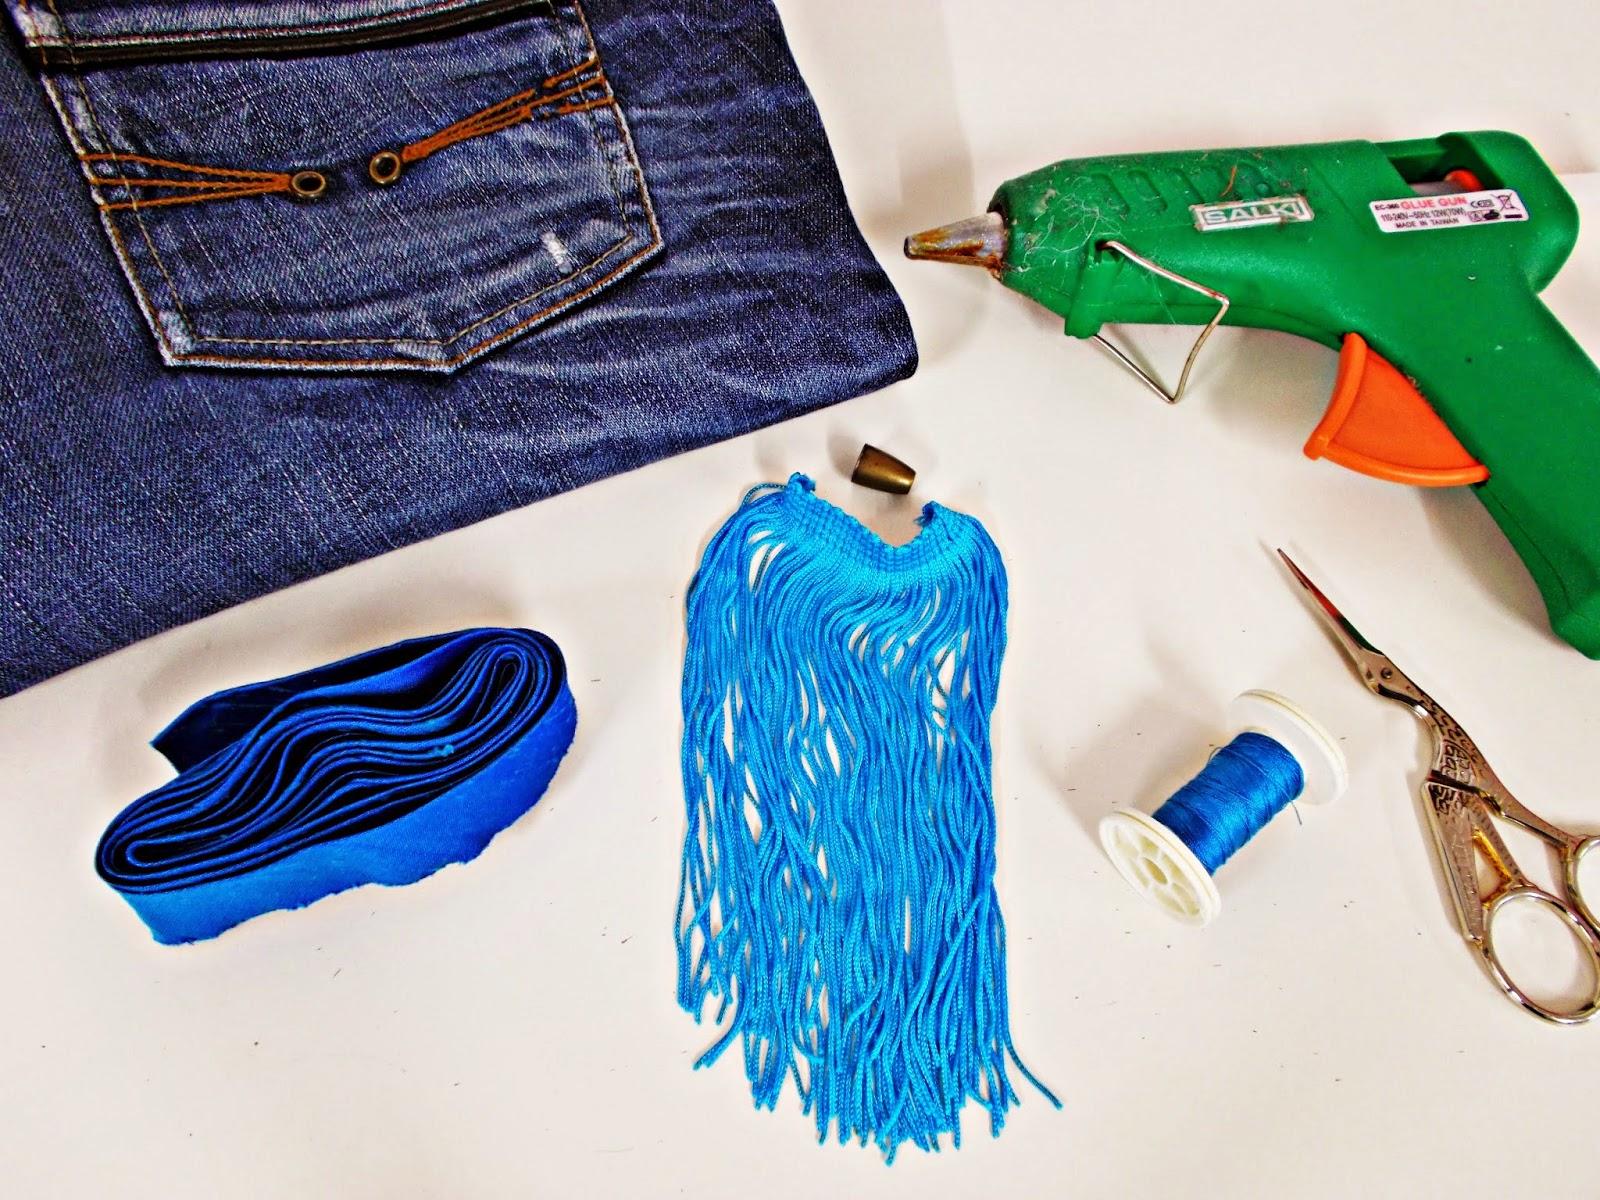 DIY-costura-reciclar-costumizar-vaquero-cargador-móvil-